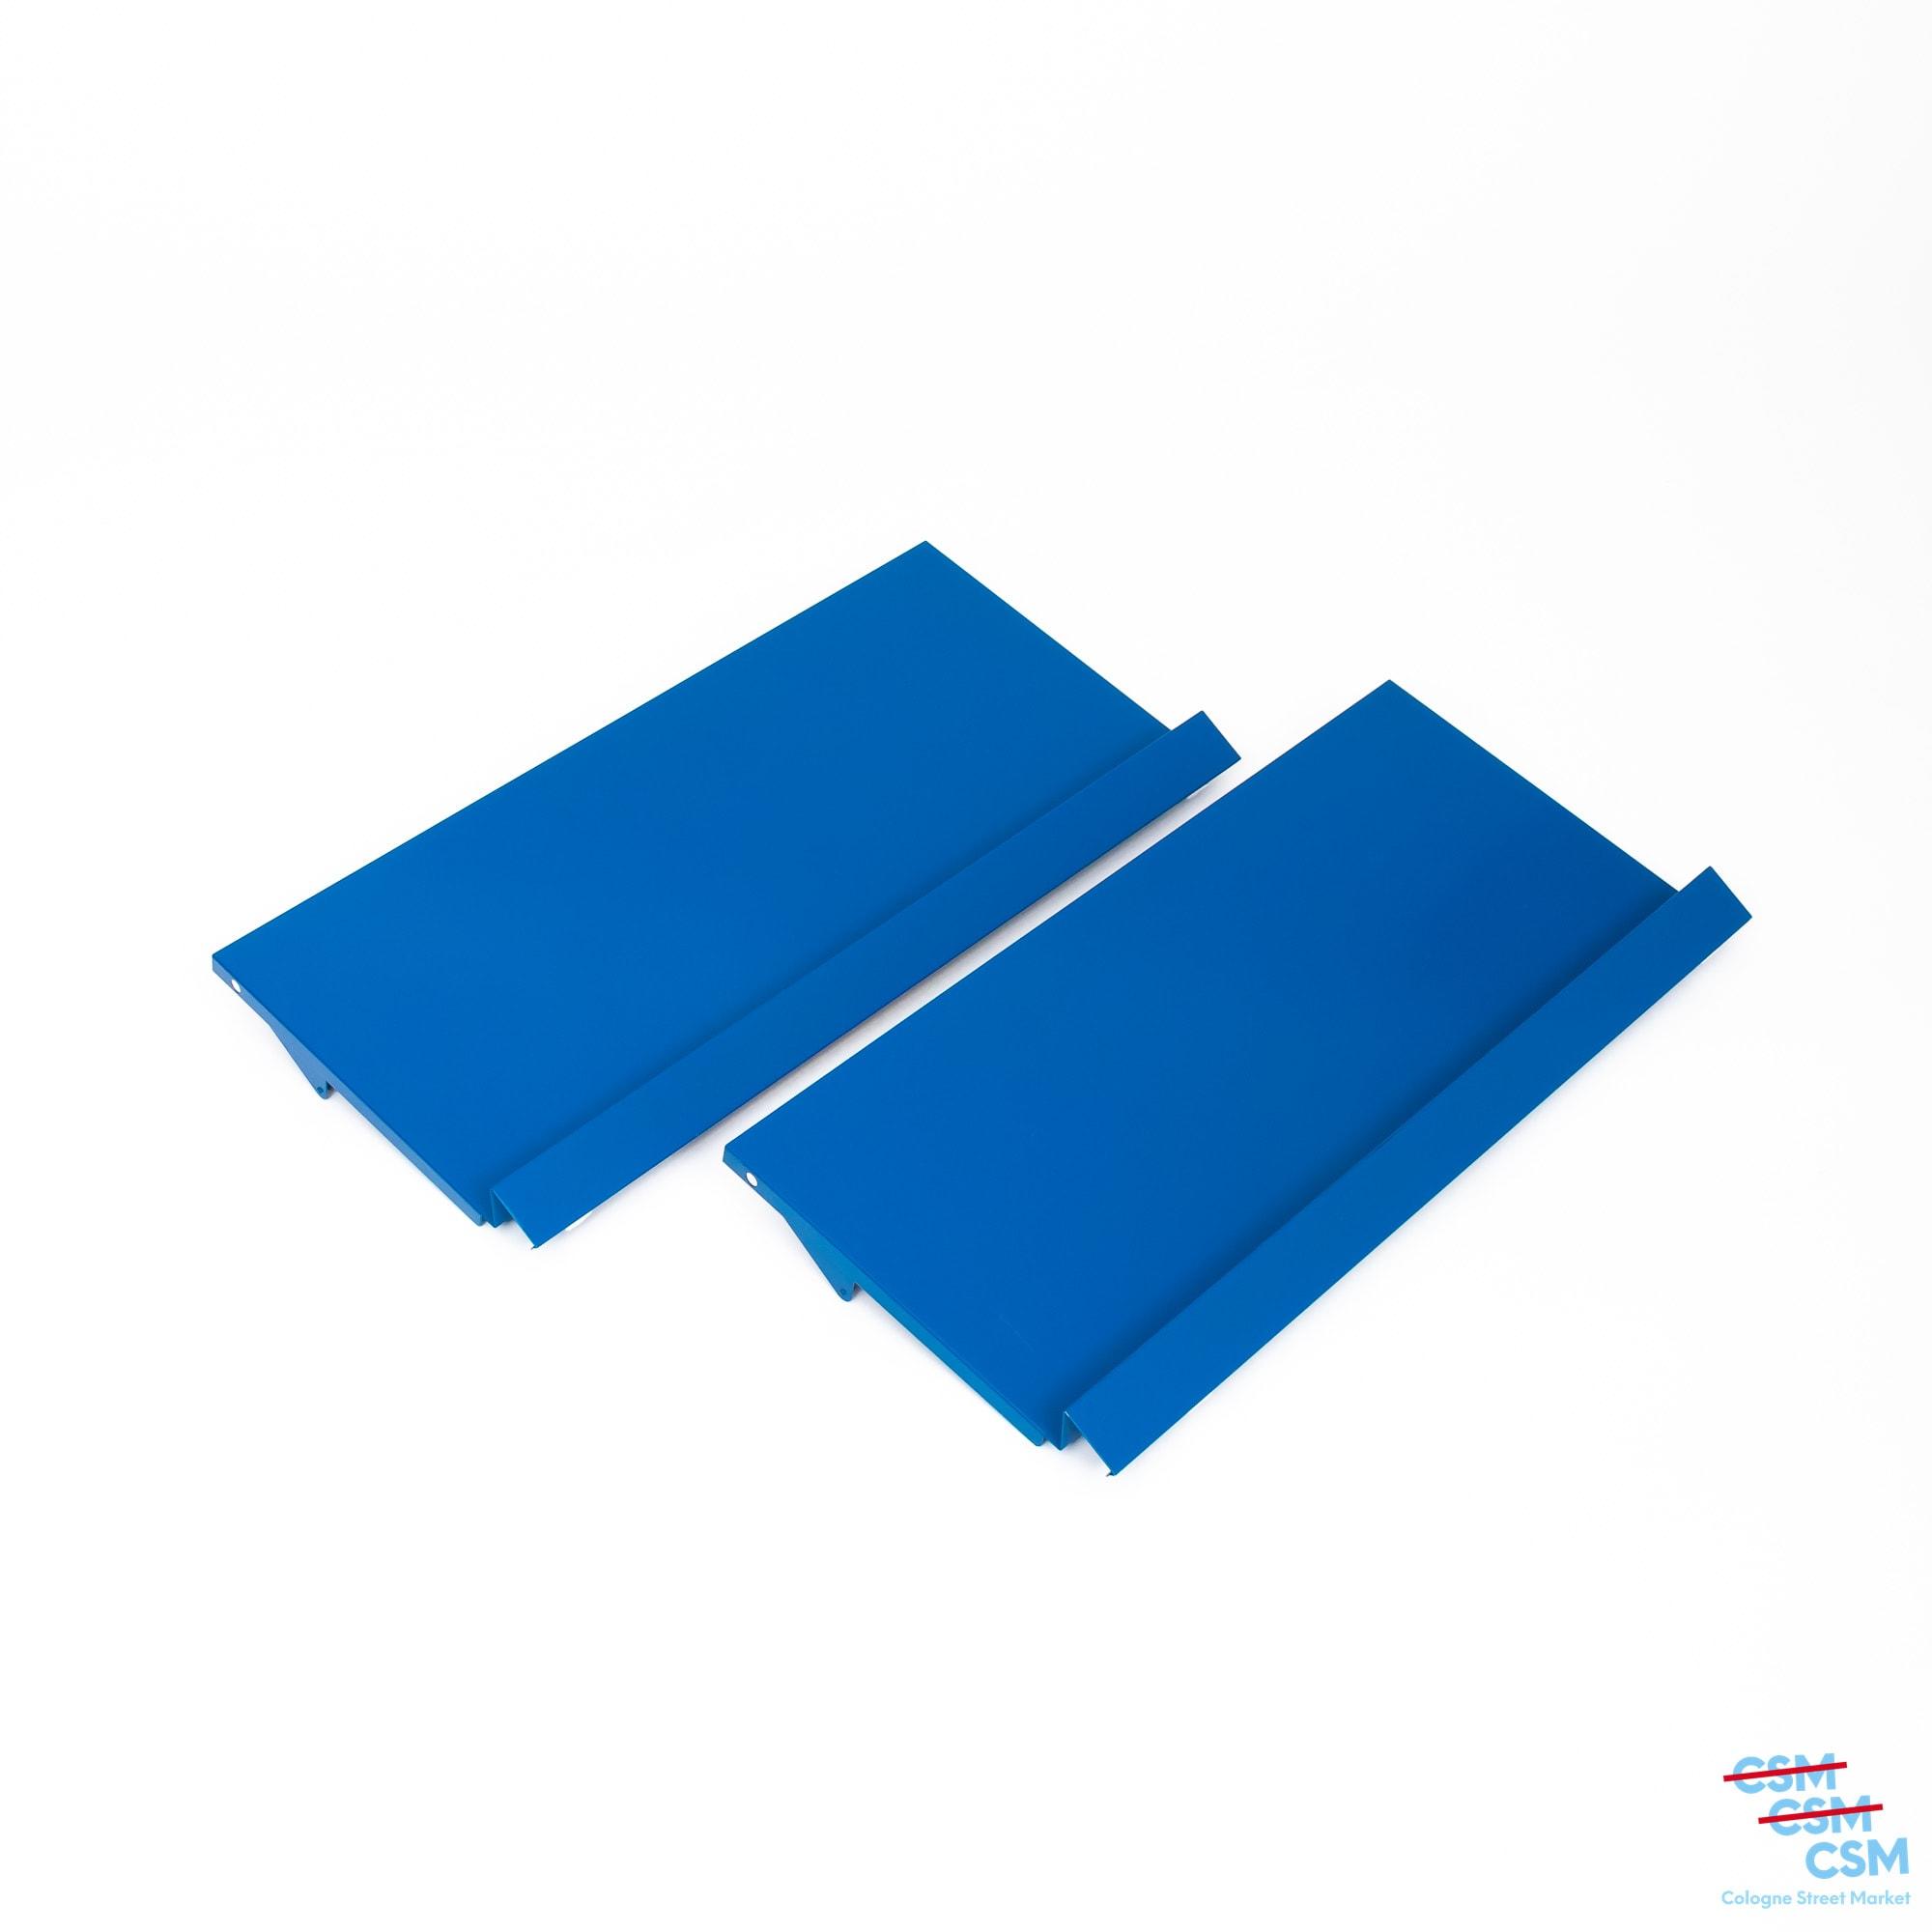 2er Paket USM Haller Prospektklappe Enzianblau 73x35 gebraucht 1